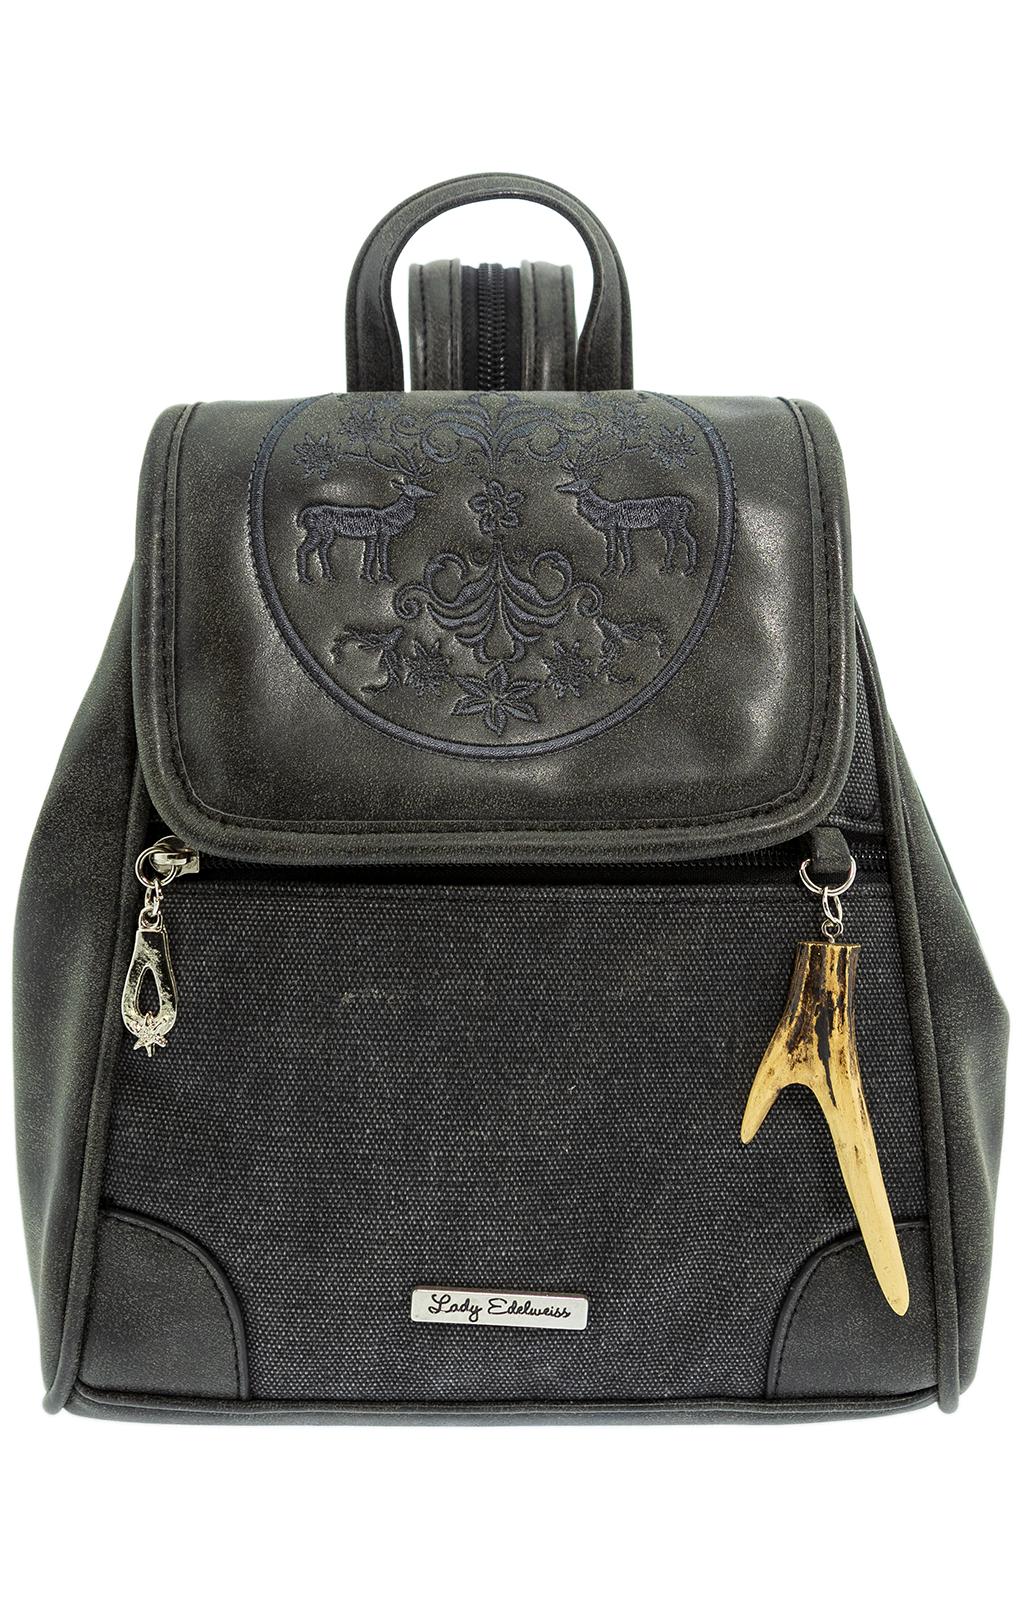 Trachtentasche 11510 anthrazit von Lady Edelweiss